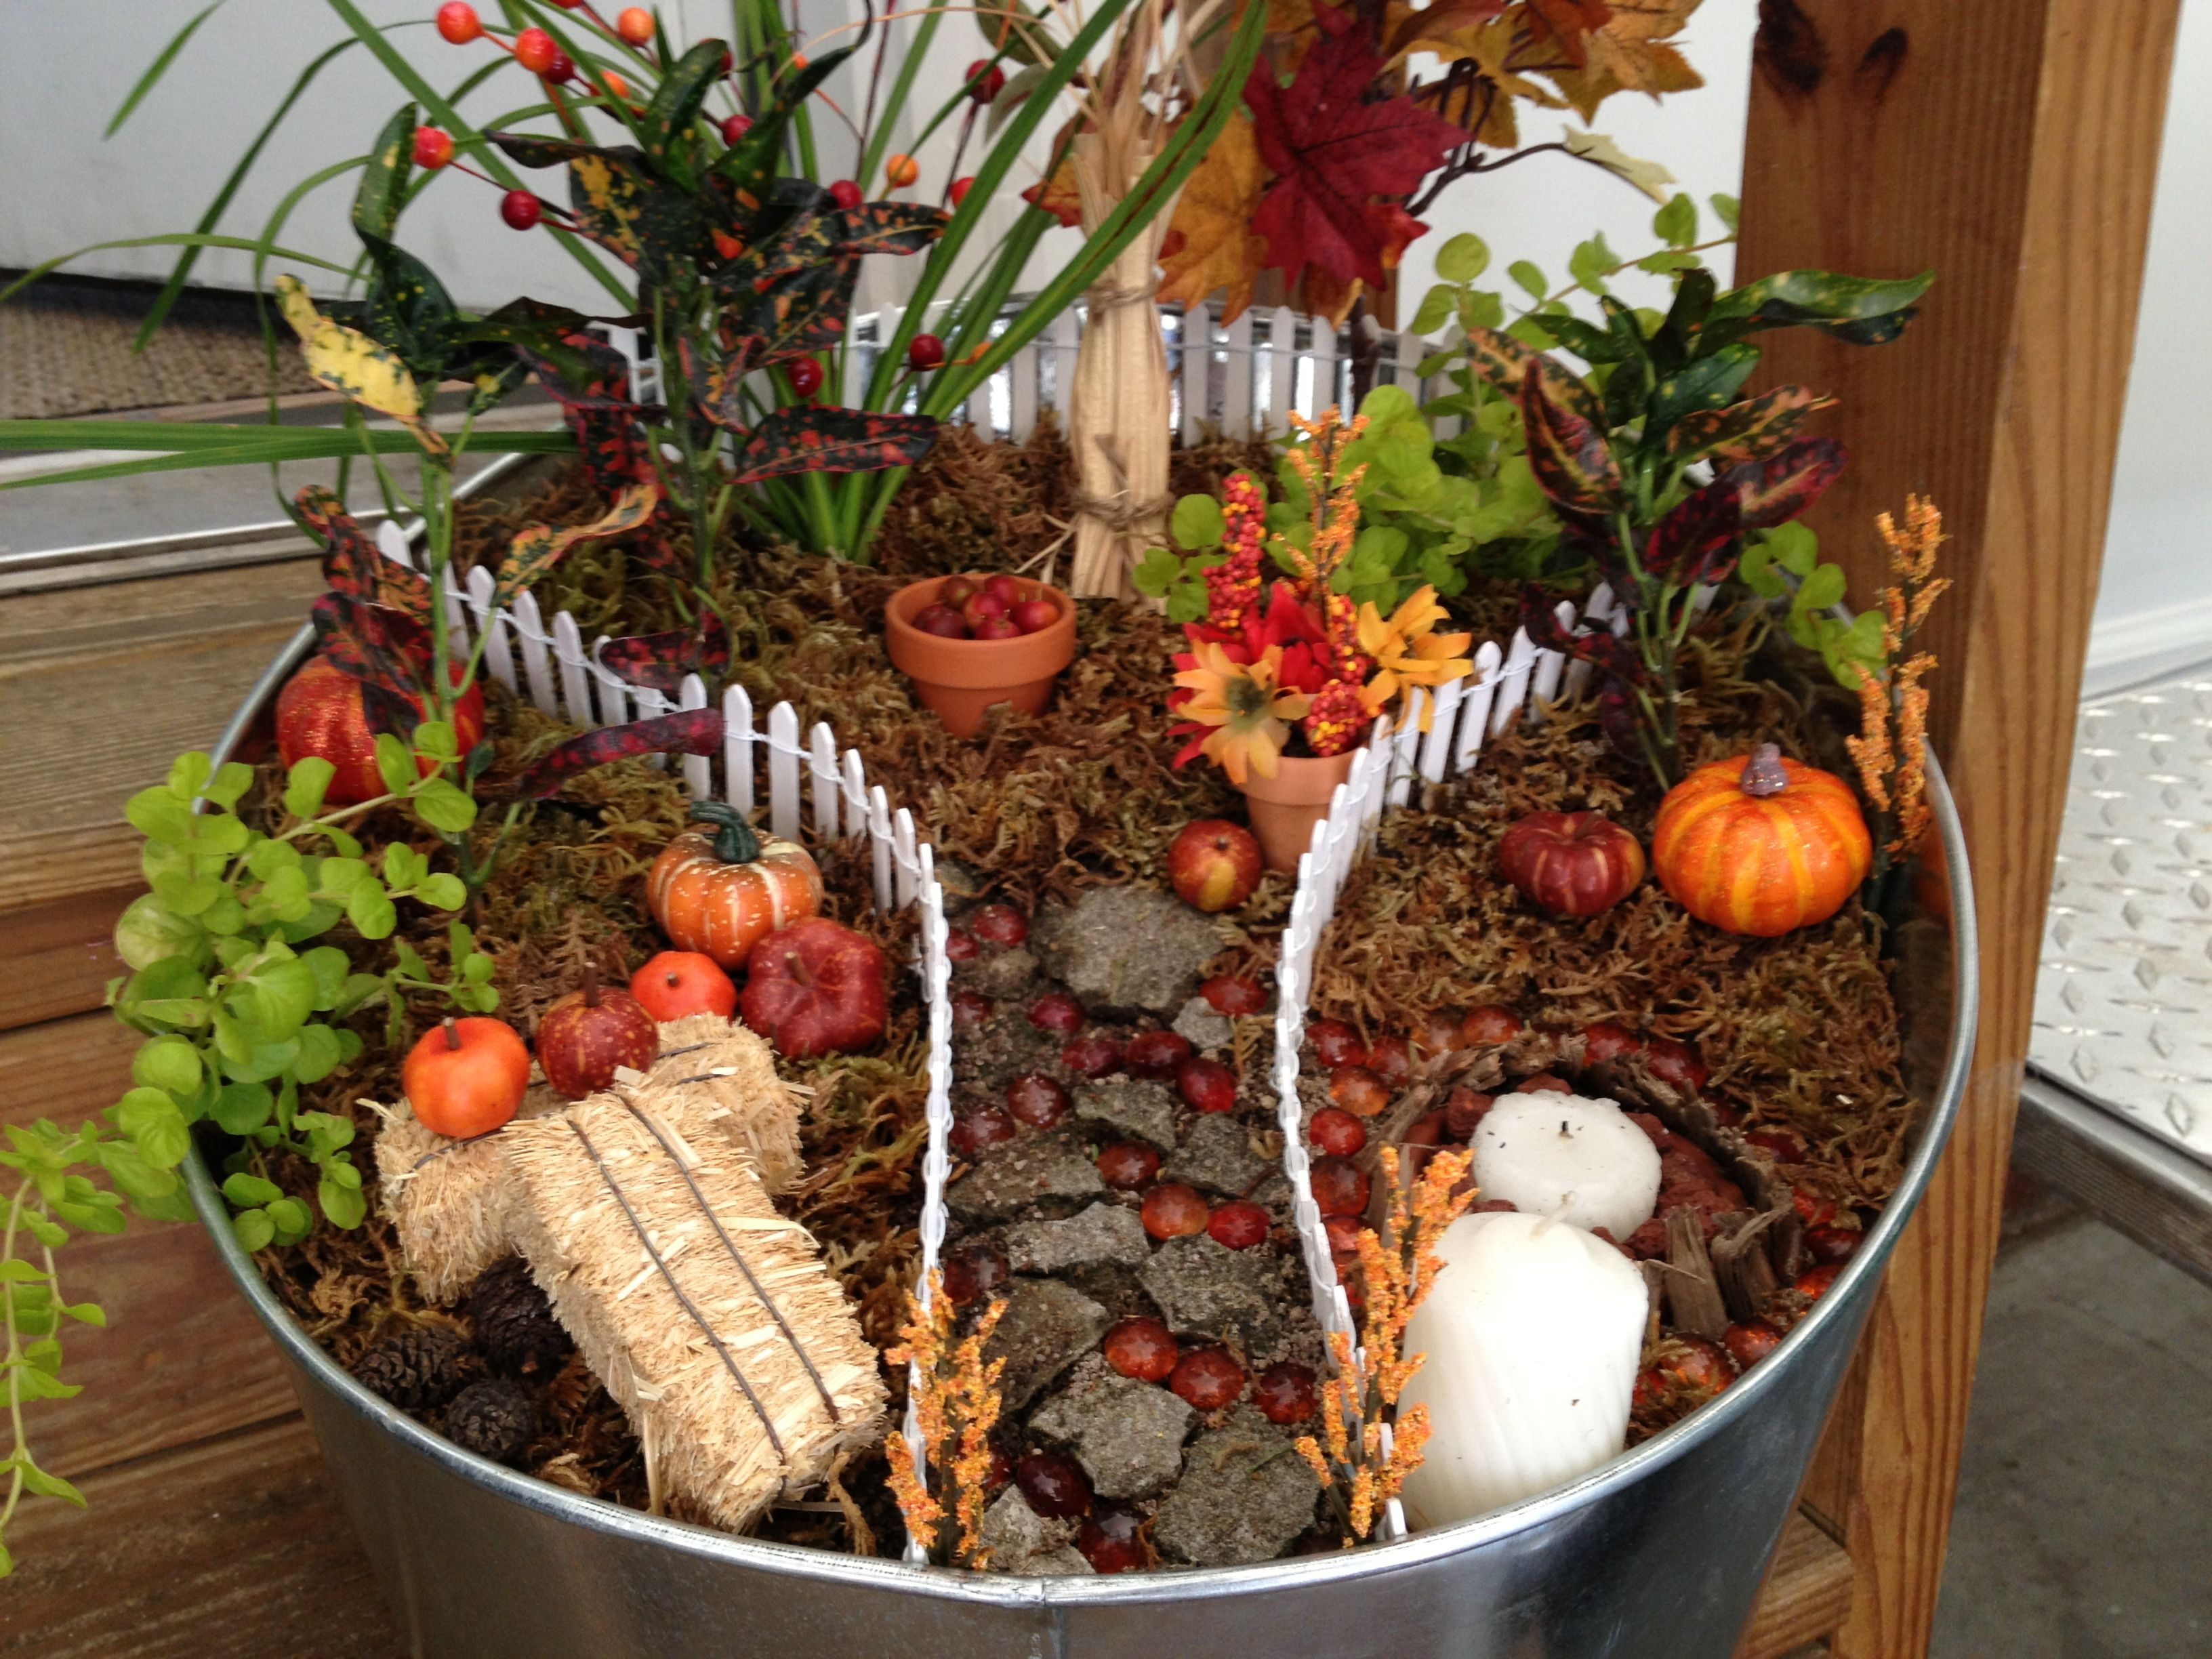 Smart Fall Fairy Garden I Made Amanda Bday Fall Fairy Garden Ideas Amanda Bday Fall Fairy Garden I Made